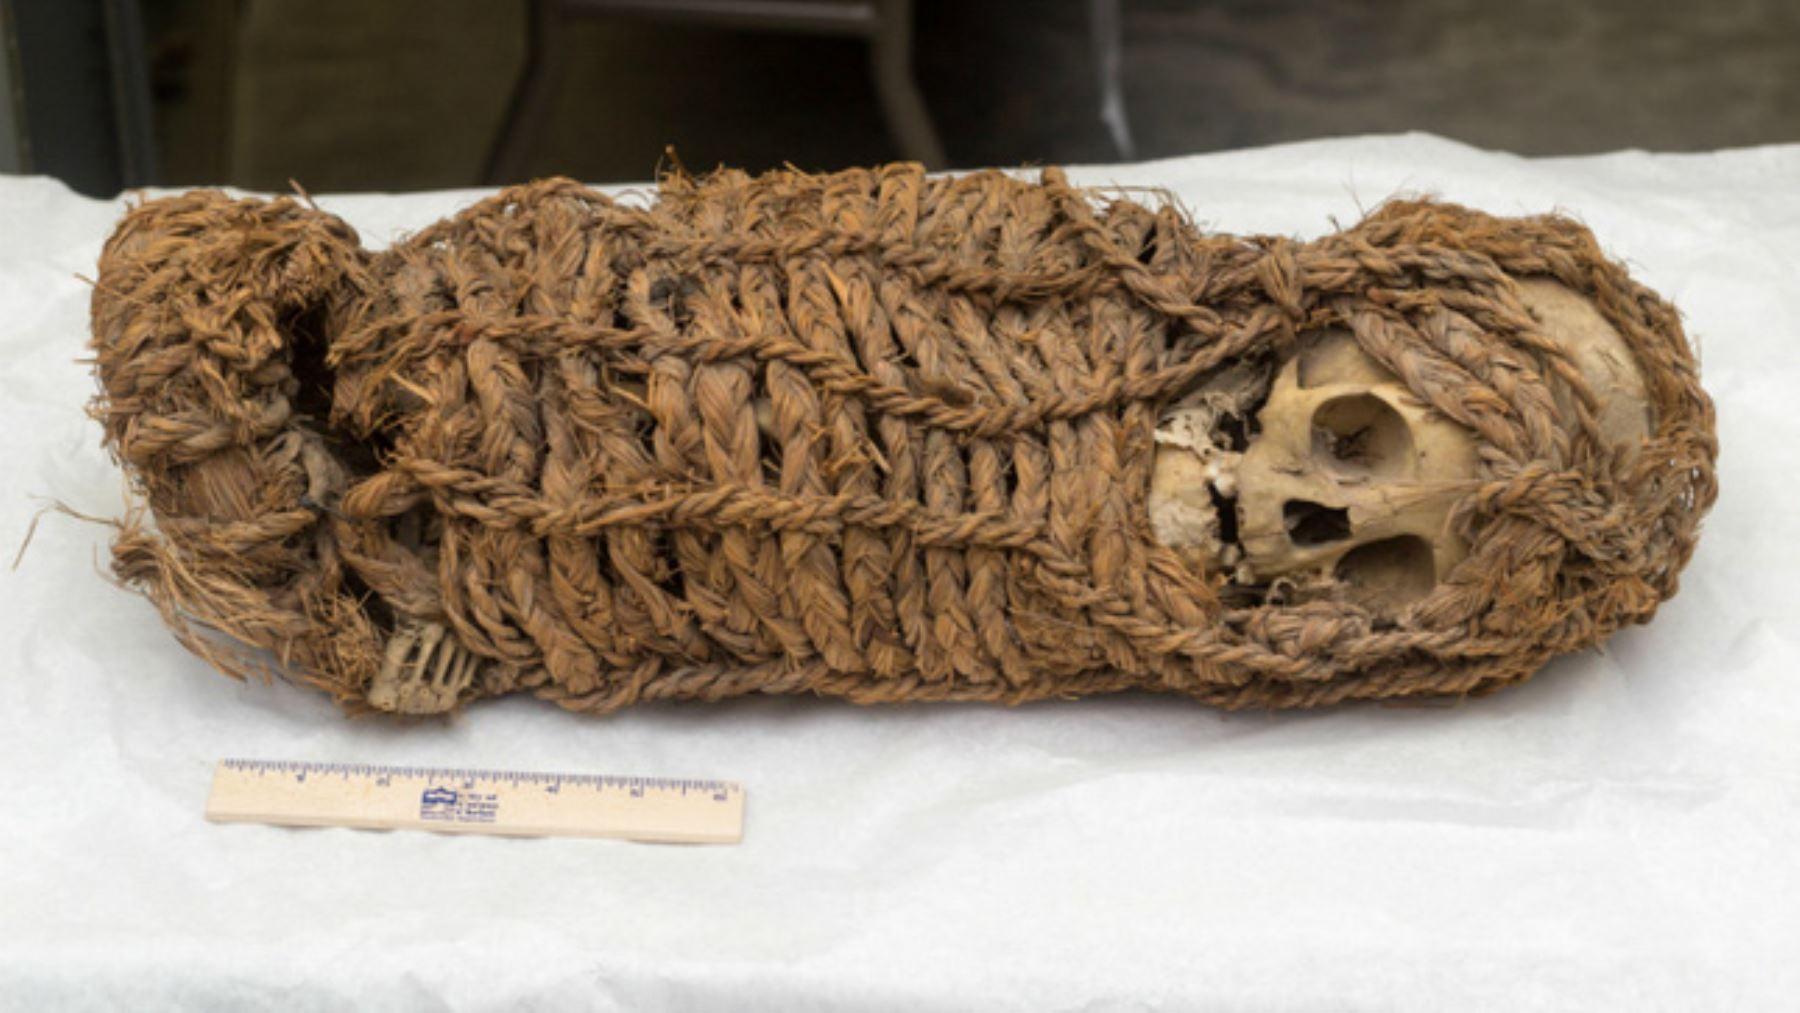 Momia de origen aimara devuelta por el Museo de Ciencia e Historia de Corpus Christi al Consulado del Perú en Houston, Texas, en los Estados Unidos.